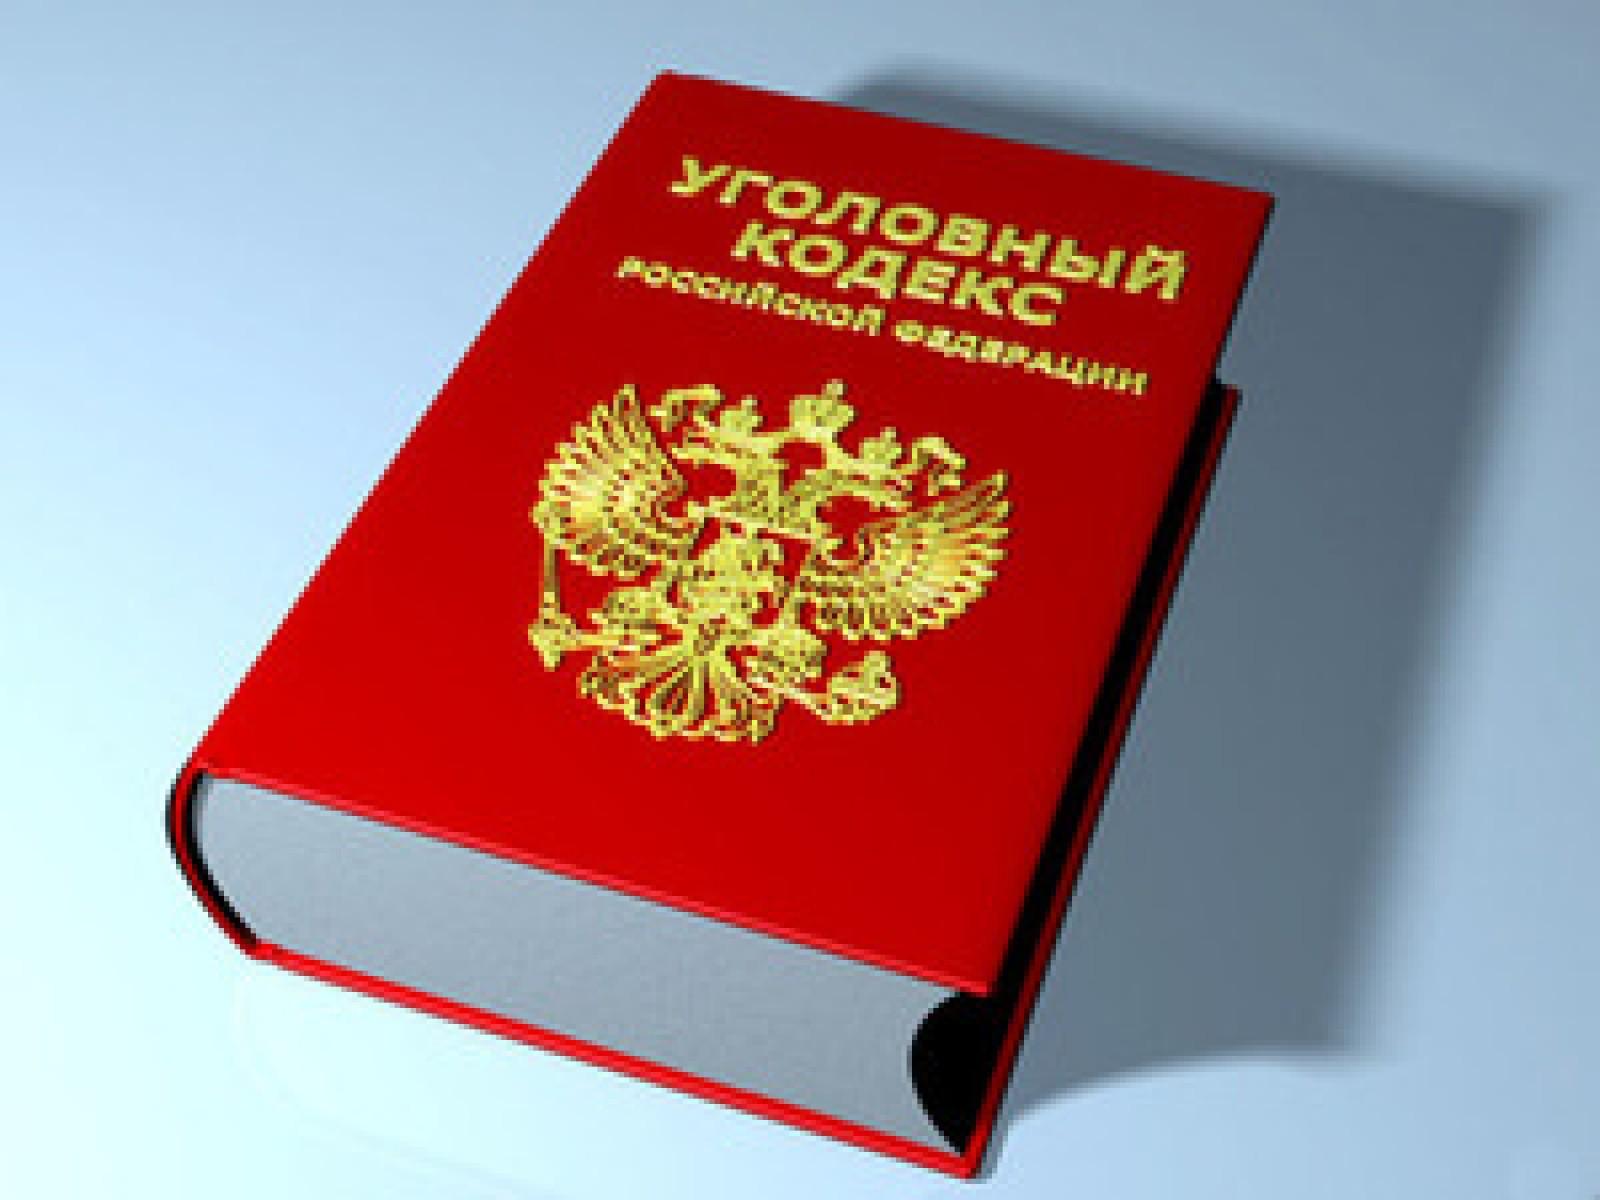 Прокурором Рубцовска в суд направлено уголовное дело в отношении осужденного за дачу взятки сотруднику исправительного учреждения